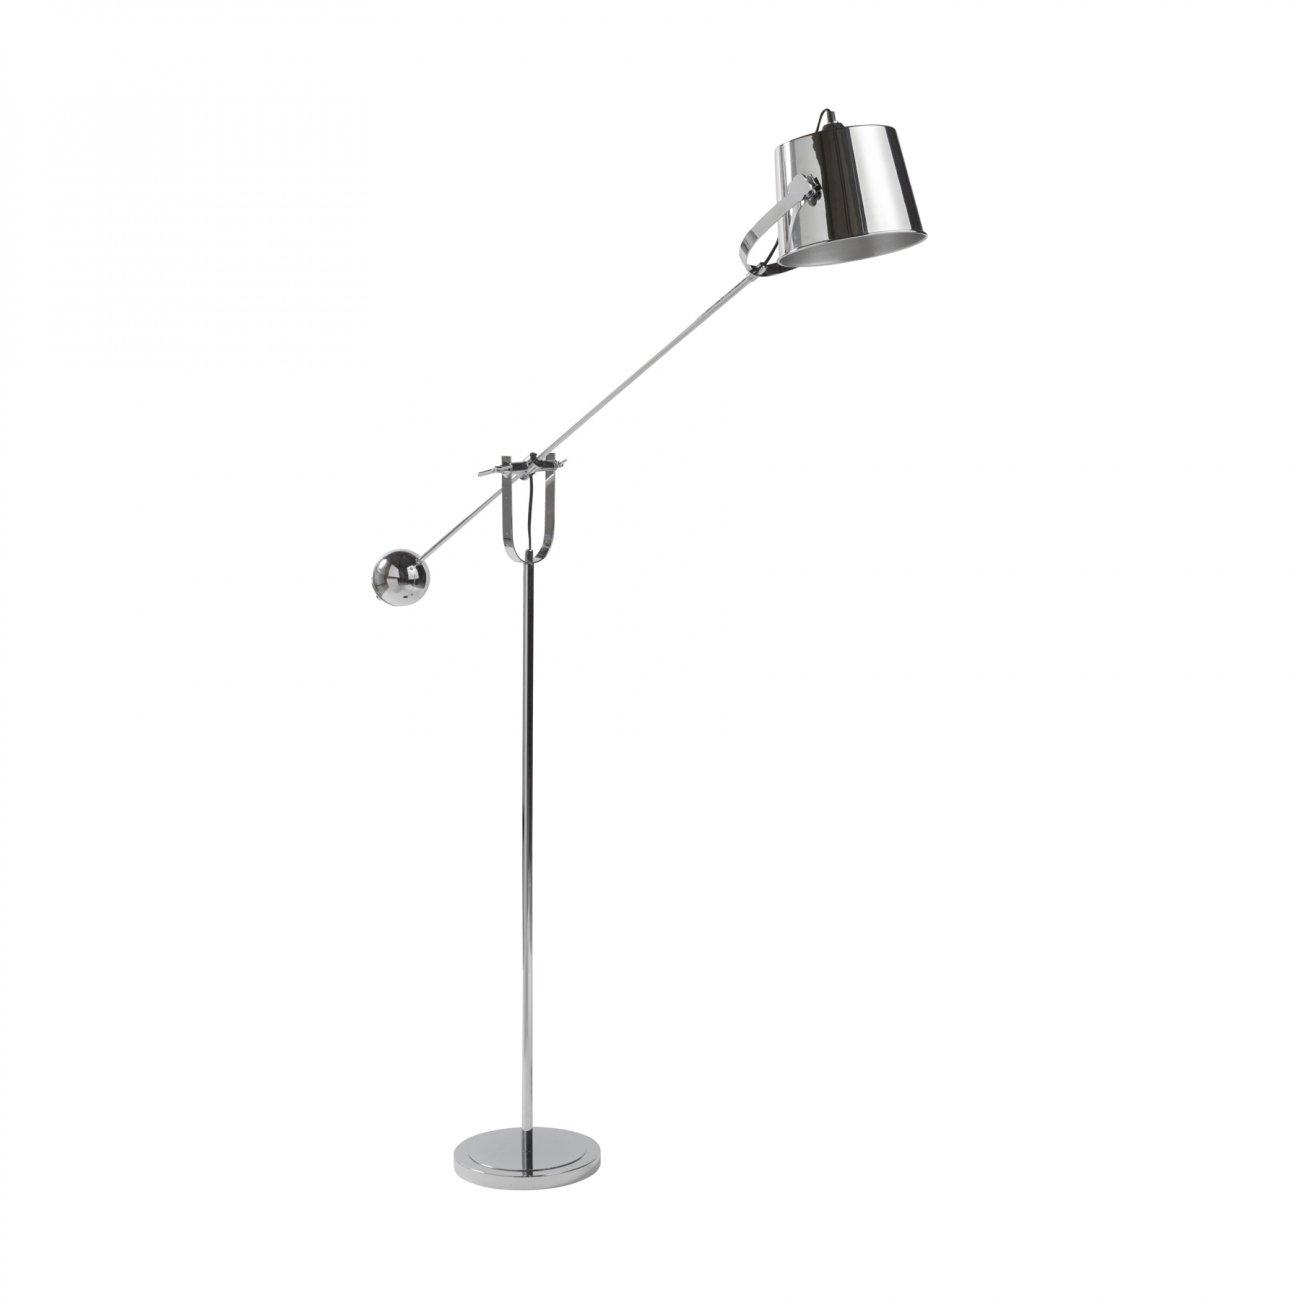 Купить Напольный светильник Fairfax в интернет магазине дизайнерской мебели и аксессуаров для дома и дачи